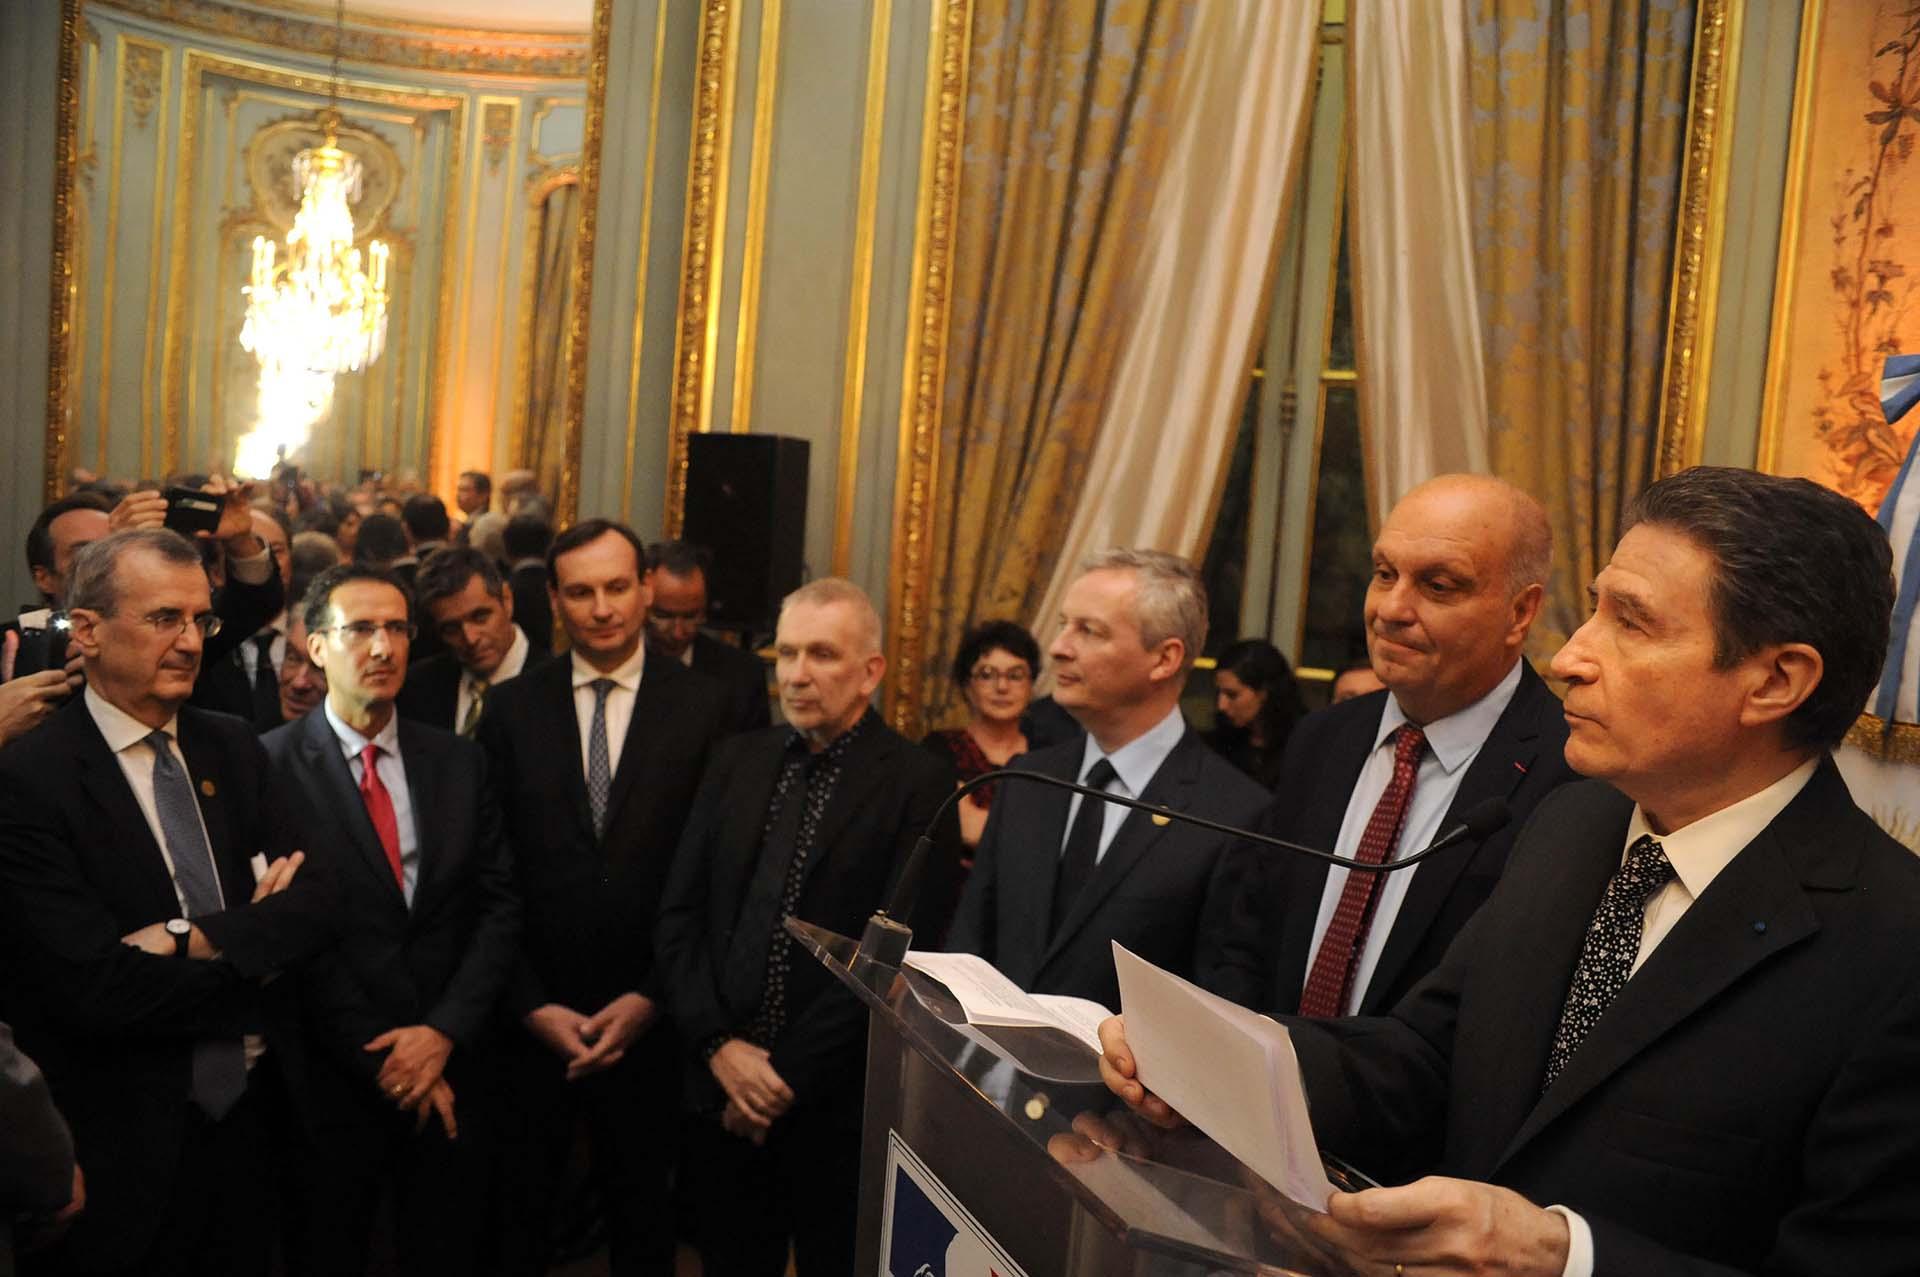 Al centro, los dos agasajados en la recepción que tuvo lugar en la Embajada de Francia: el diseñador francés Jean Paul Gaultier, y el ministro de Finanzas de Francia, Bruno Le Maire. Frente al atril, Hernán Lombardi (Sistema Federal de Medios) y el anfitrión, Pierre-Henri Guignard, embajador de Francia en la Argentina